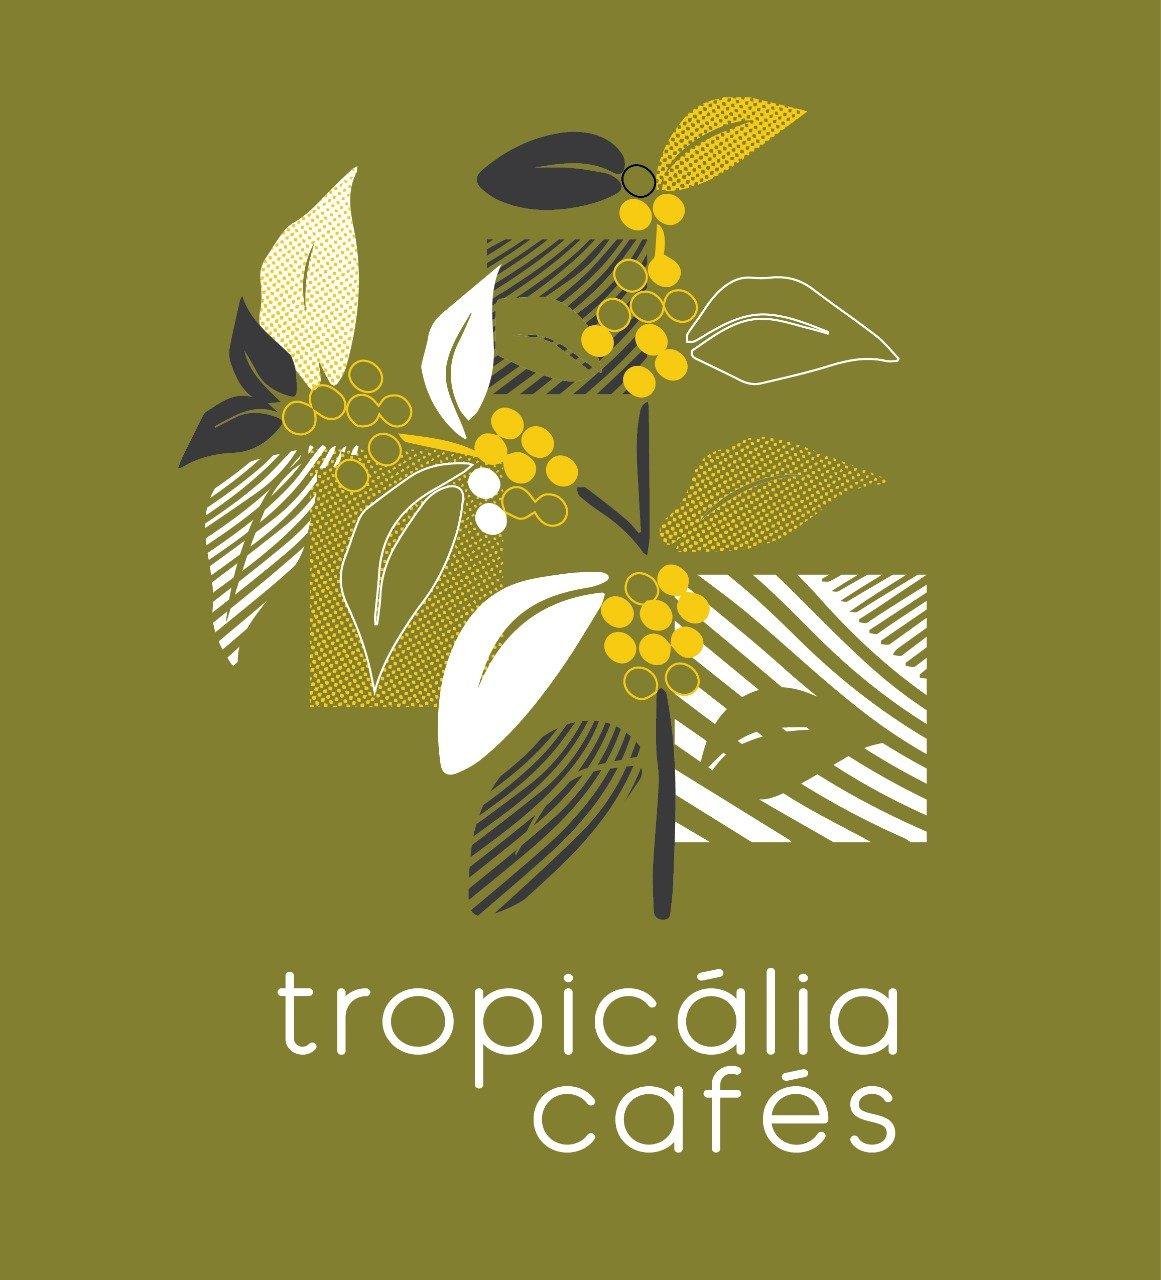 tropicalia-logo